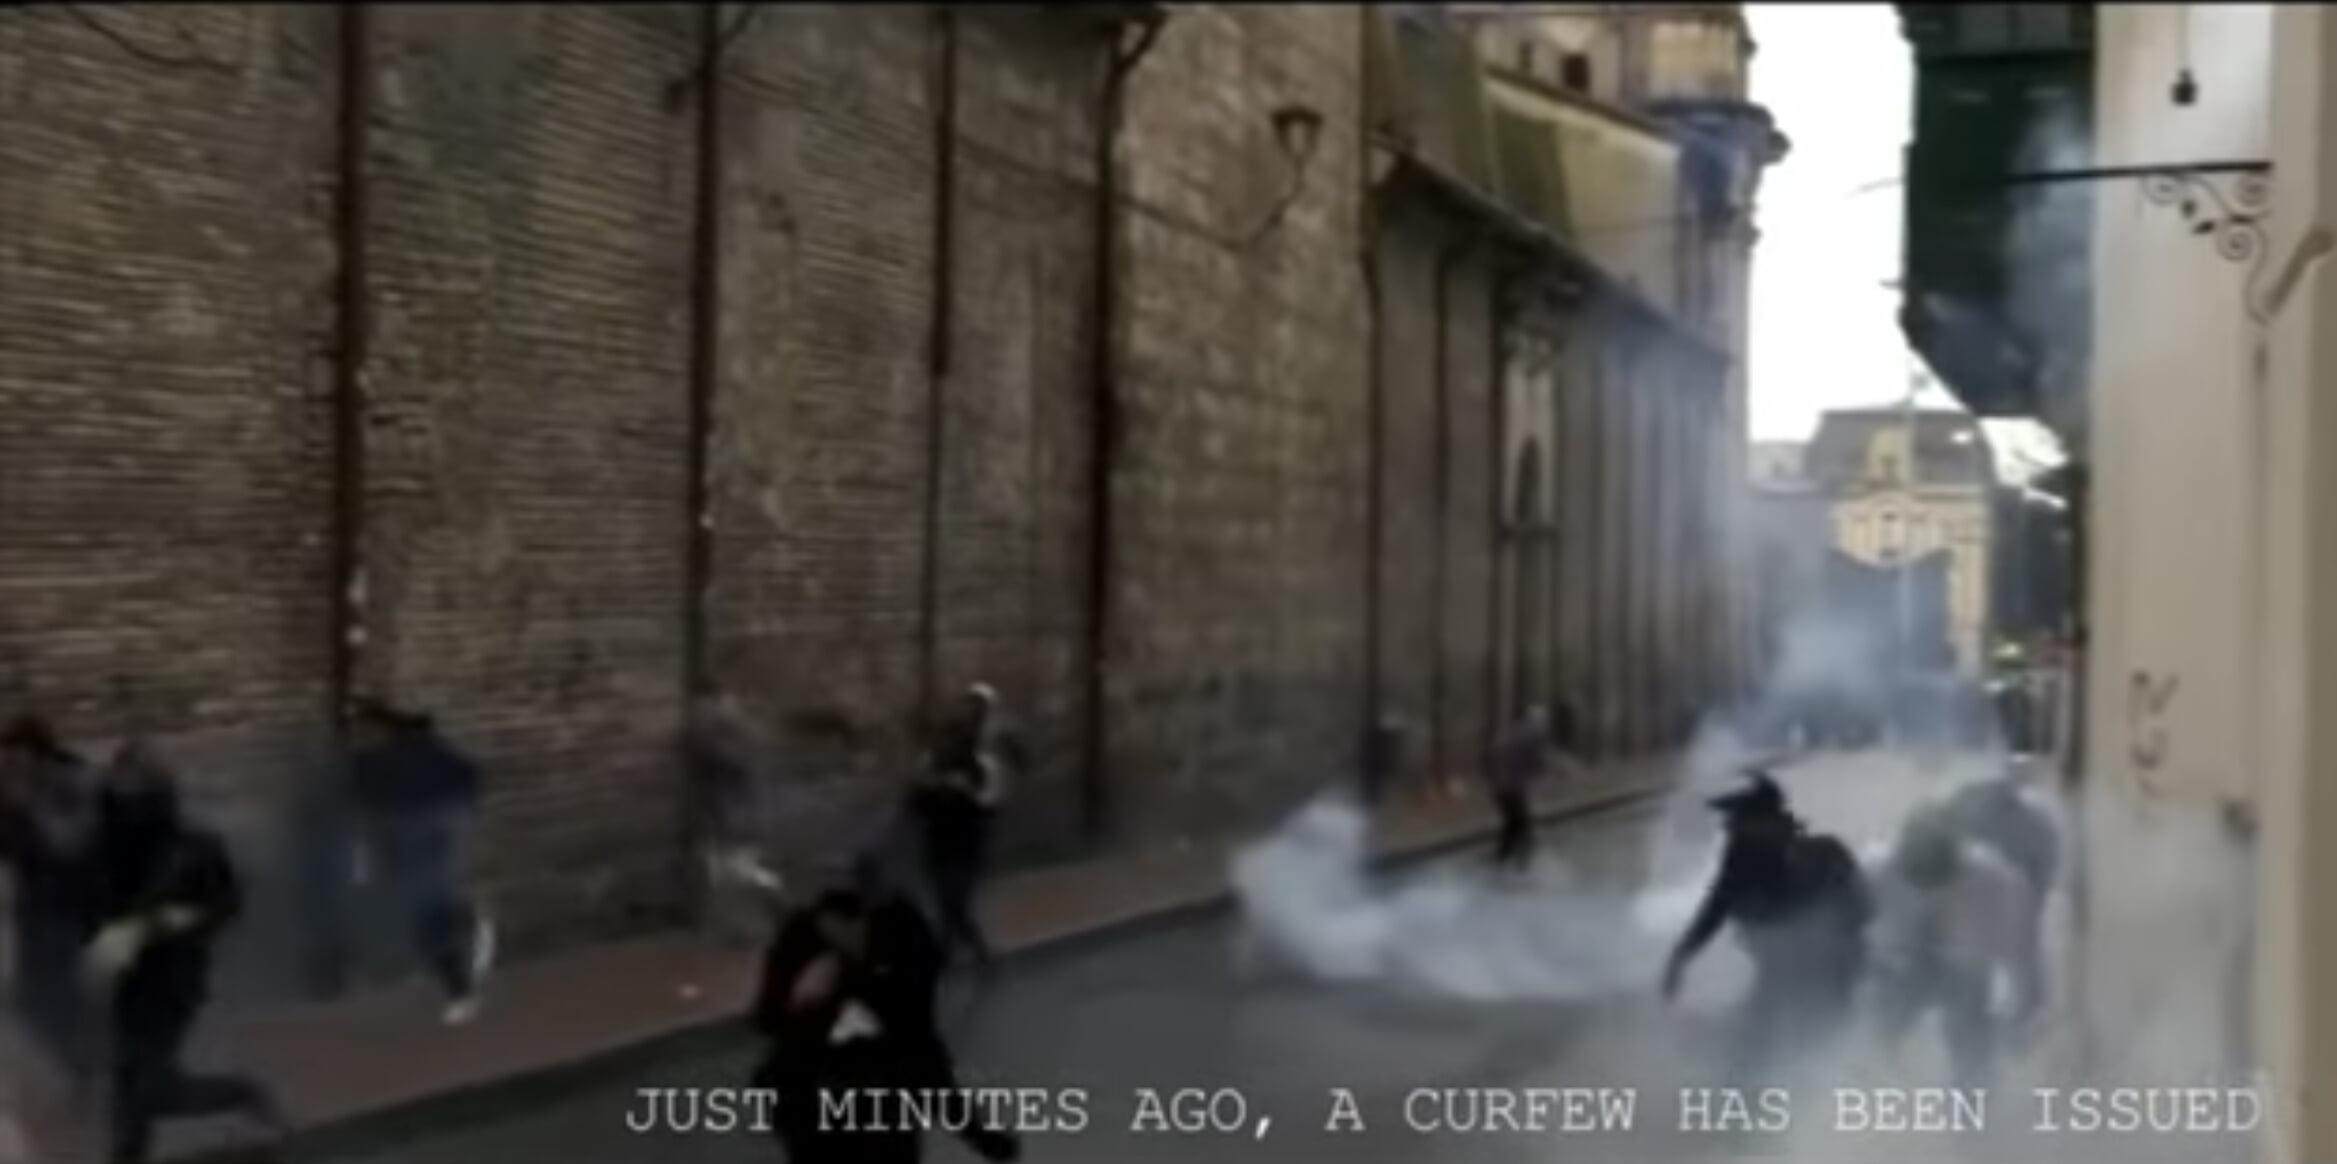 Встреча со 107-летней болельщицей, рыдания в раздевалке и немного рекламы – Федерер показал поездку в Латинскую Америку